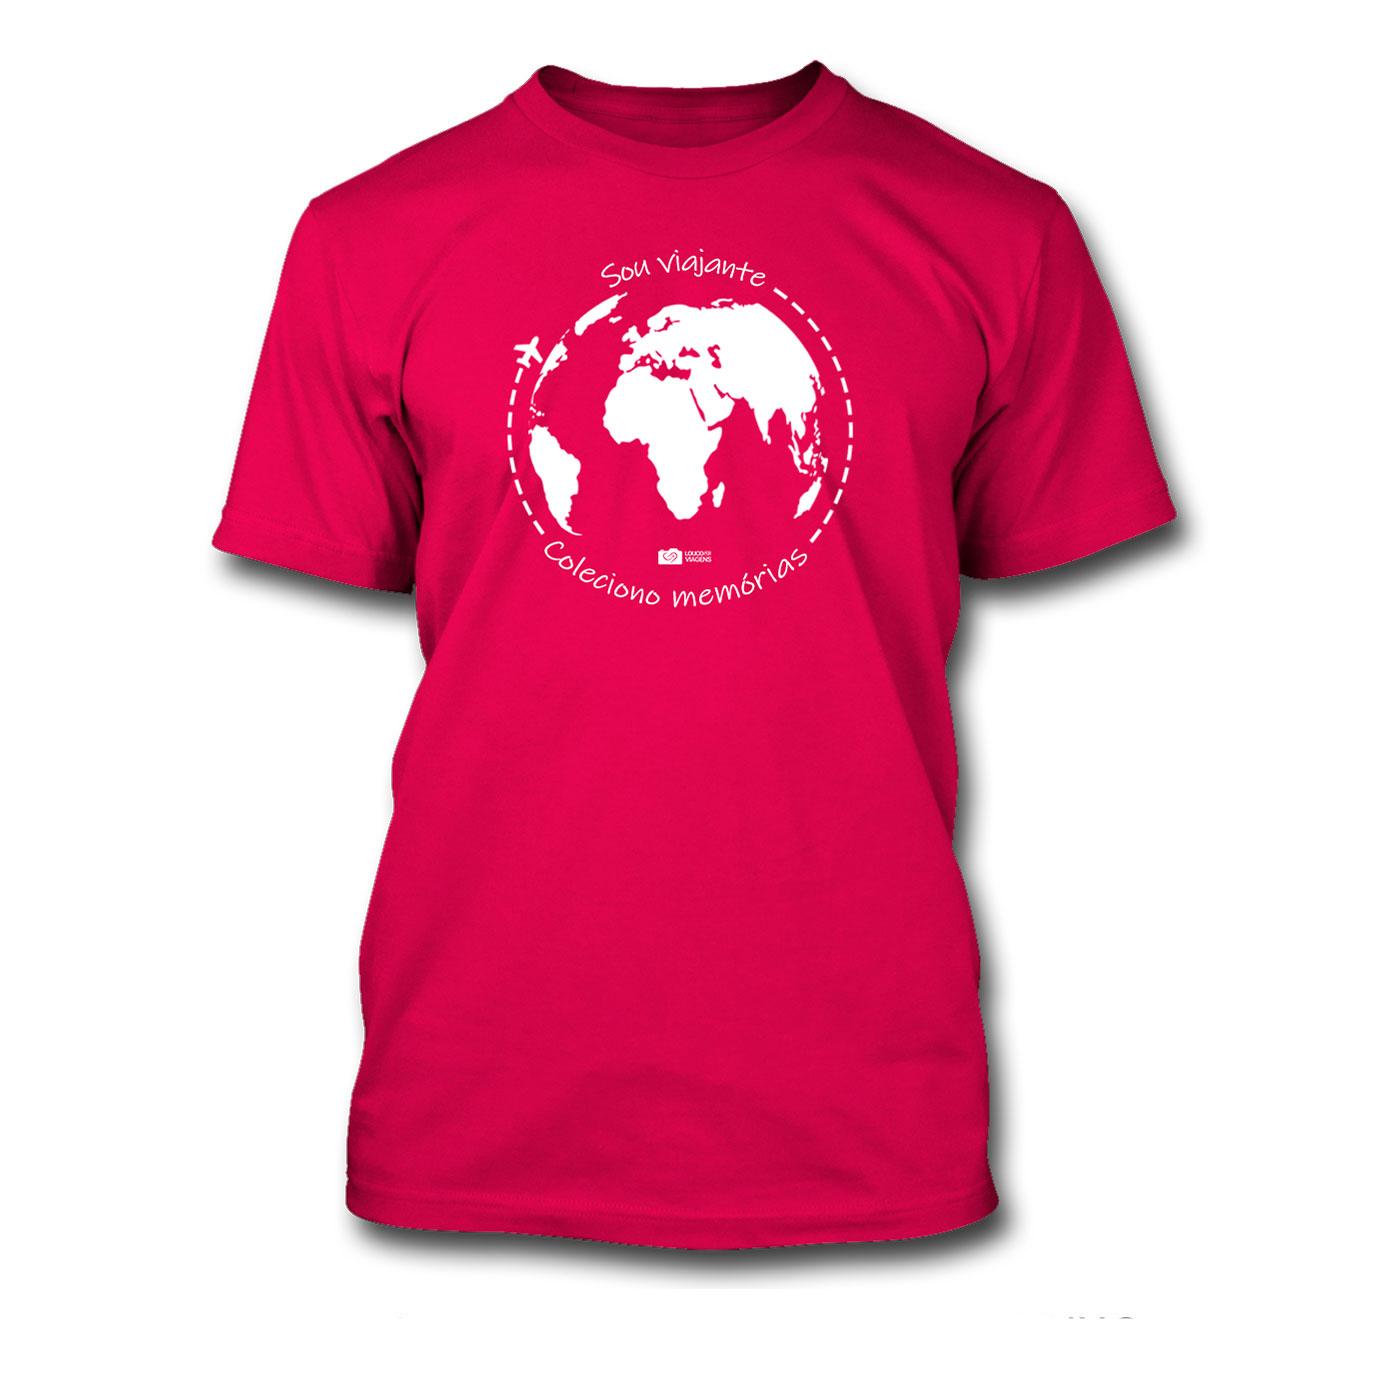 camiseta-louco-por-viagens-sou-viajante-e-coleciono-memorias-rosa-capa